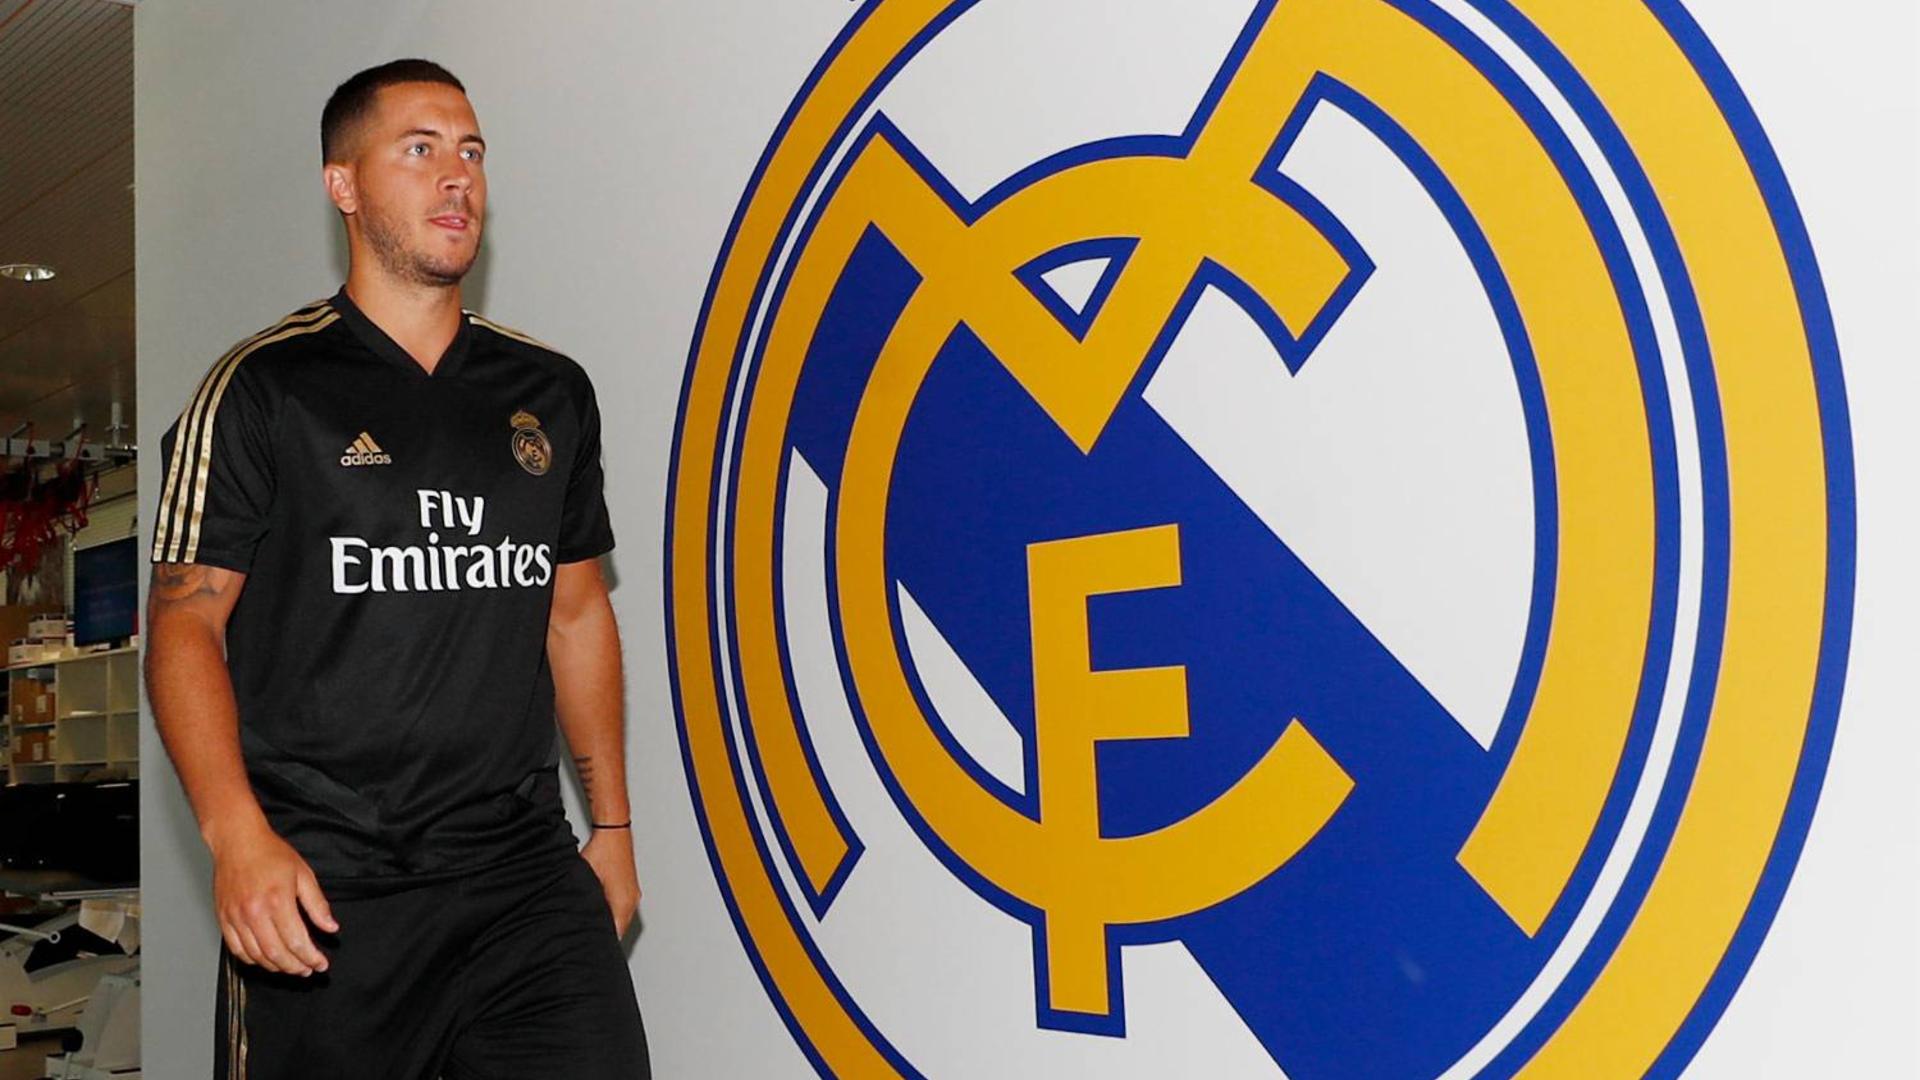 Real Madrid - Cette destination surprenante qu'Eden Hazard aurait en tête